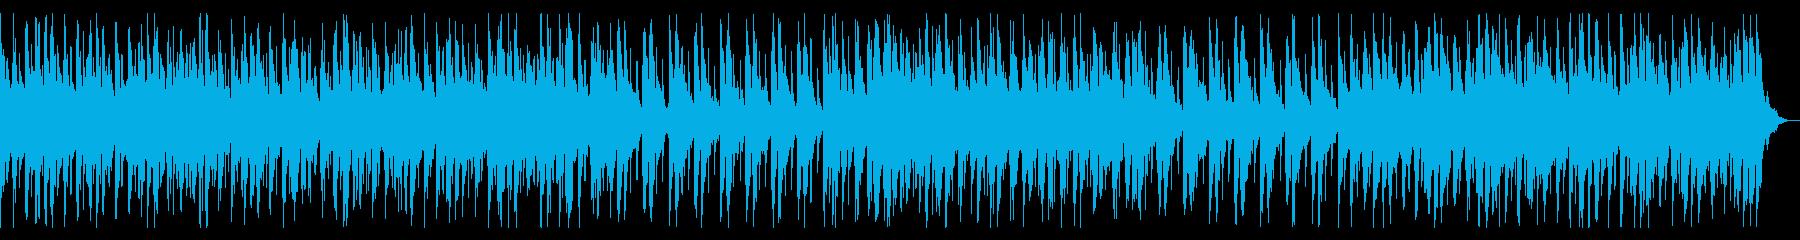 三味線が際立つ和太鼓と尺八の和風音楽の再生済みの波形